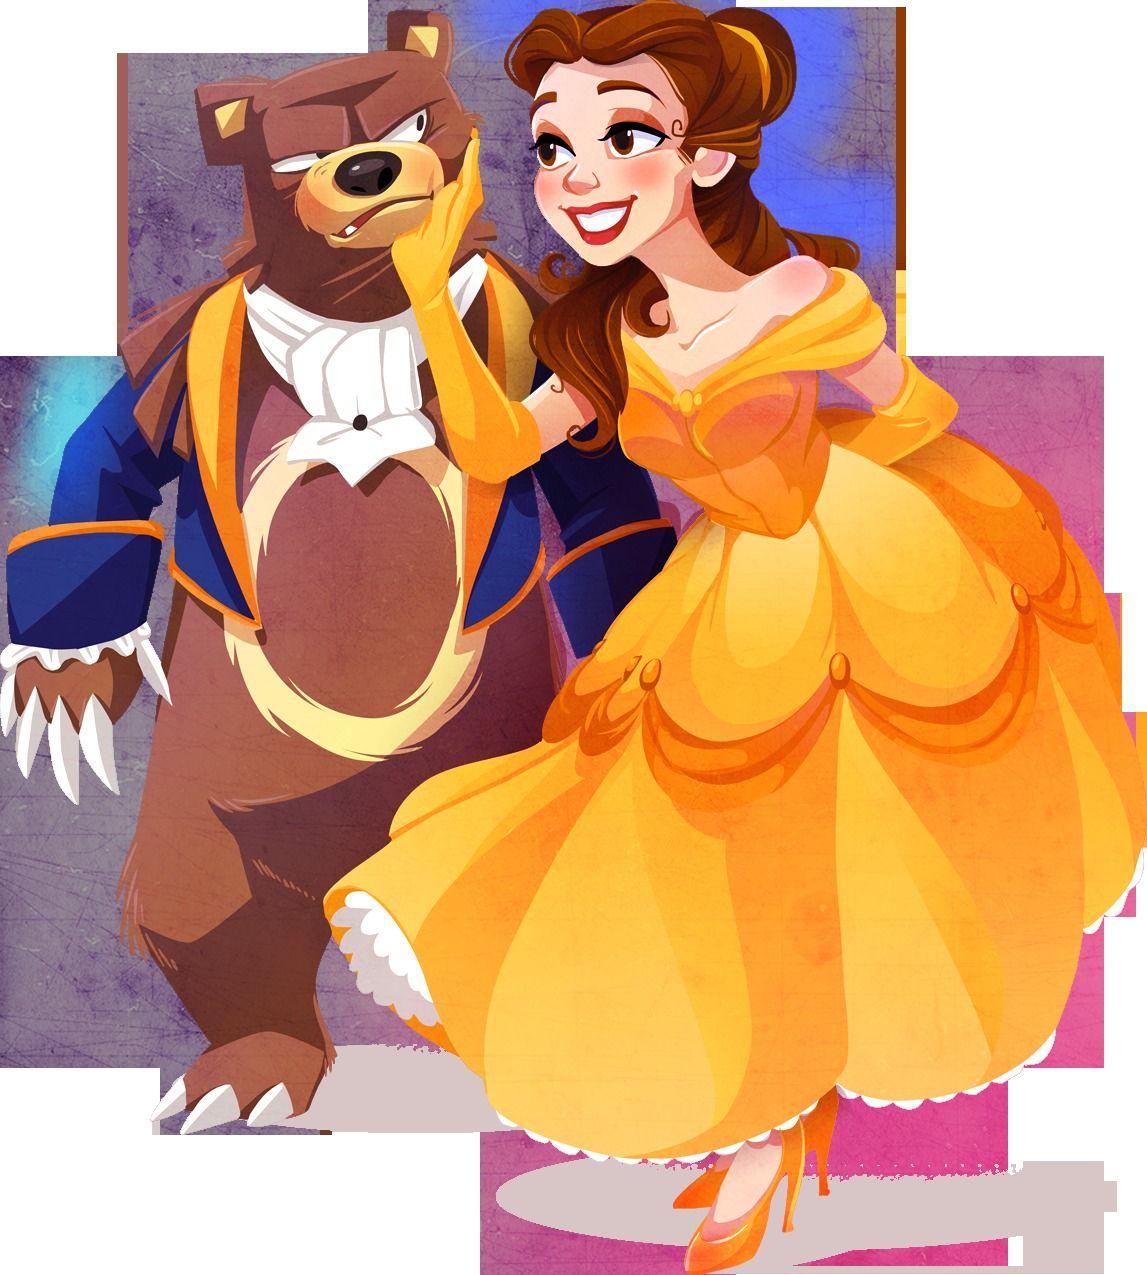 Kuitsuku Disneymon